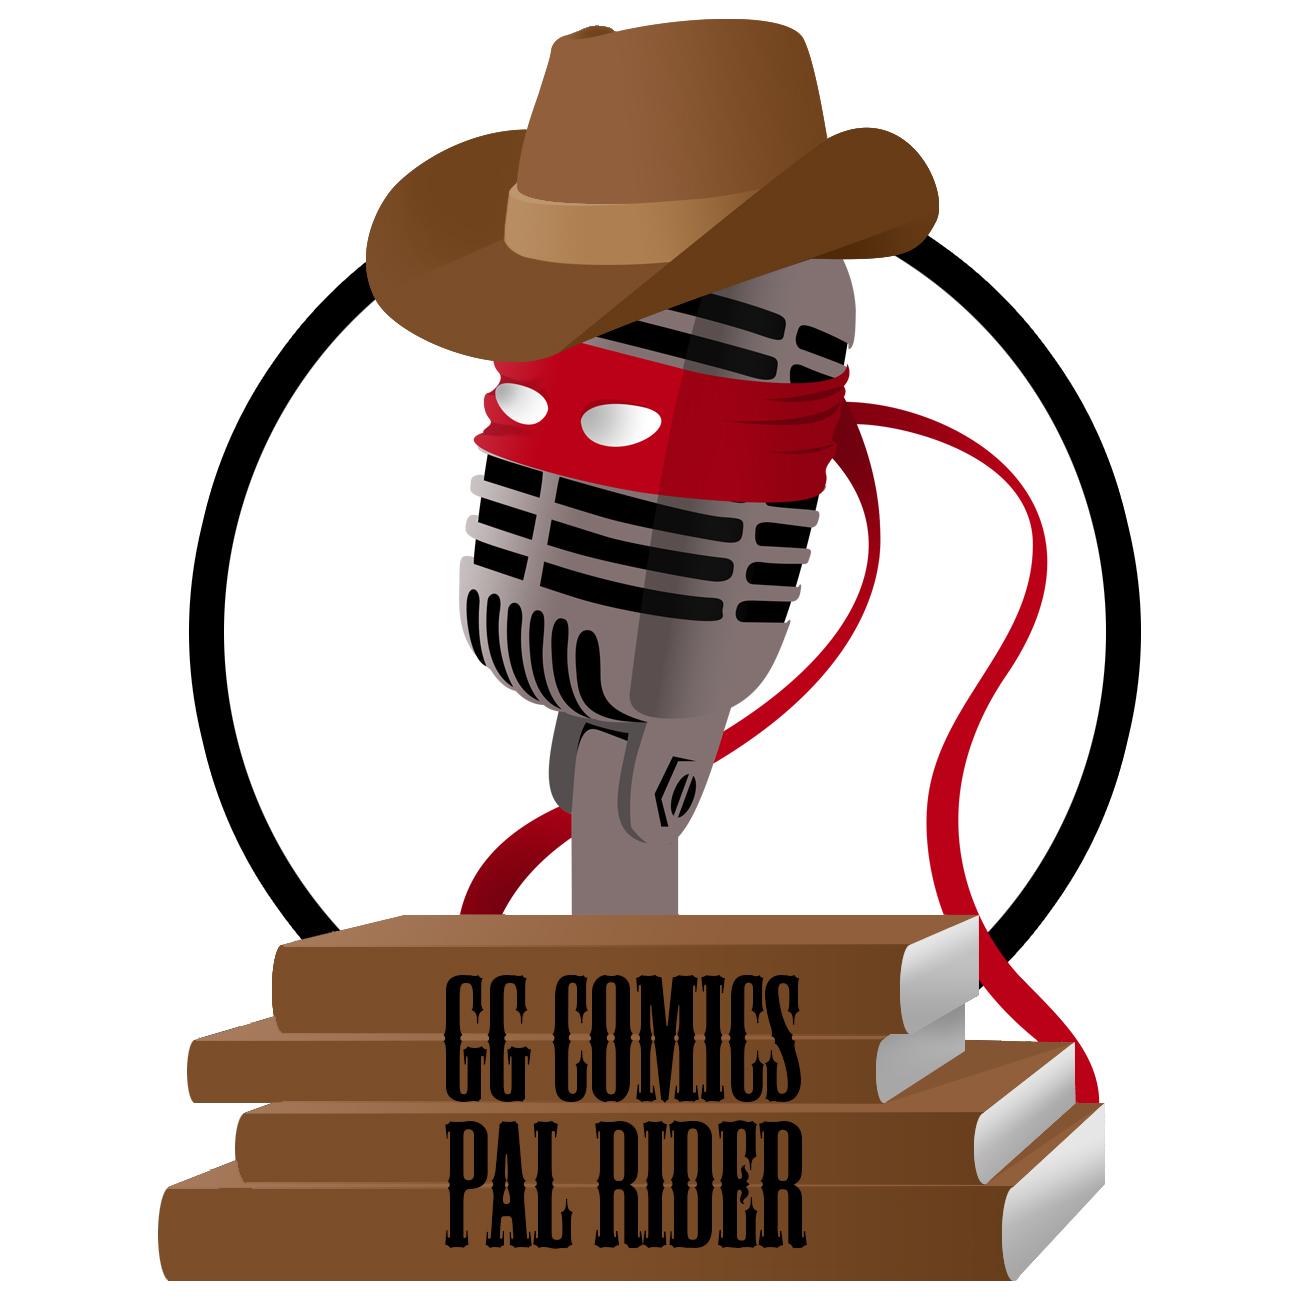 Les GG comics - PAL Rider #001